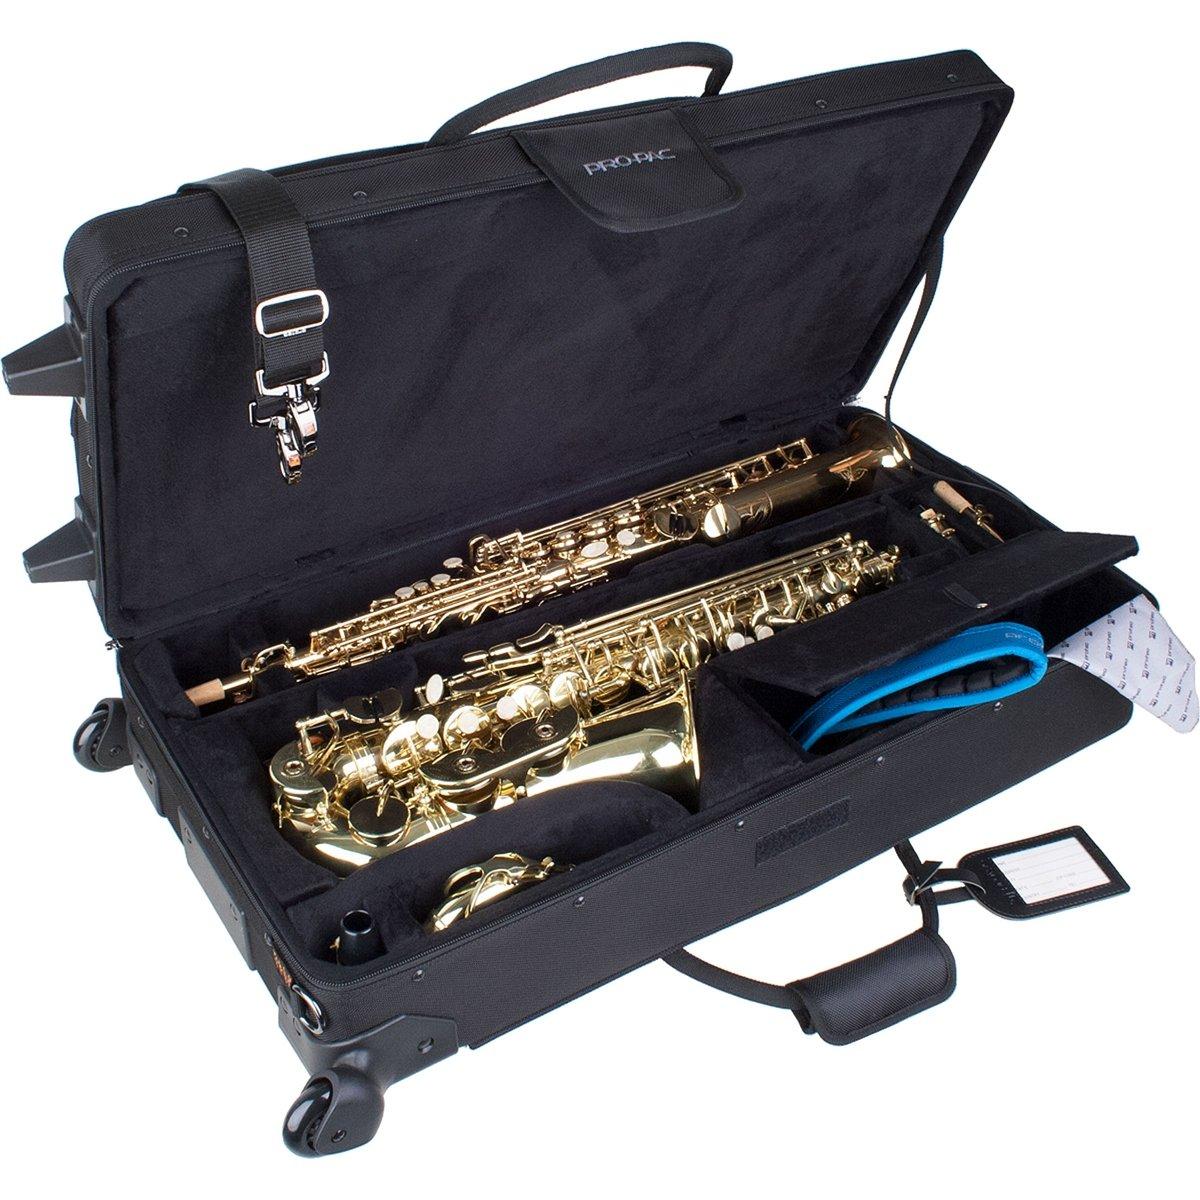 Protec Propac Alto & Soprano Sax Combo Case with Wheels